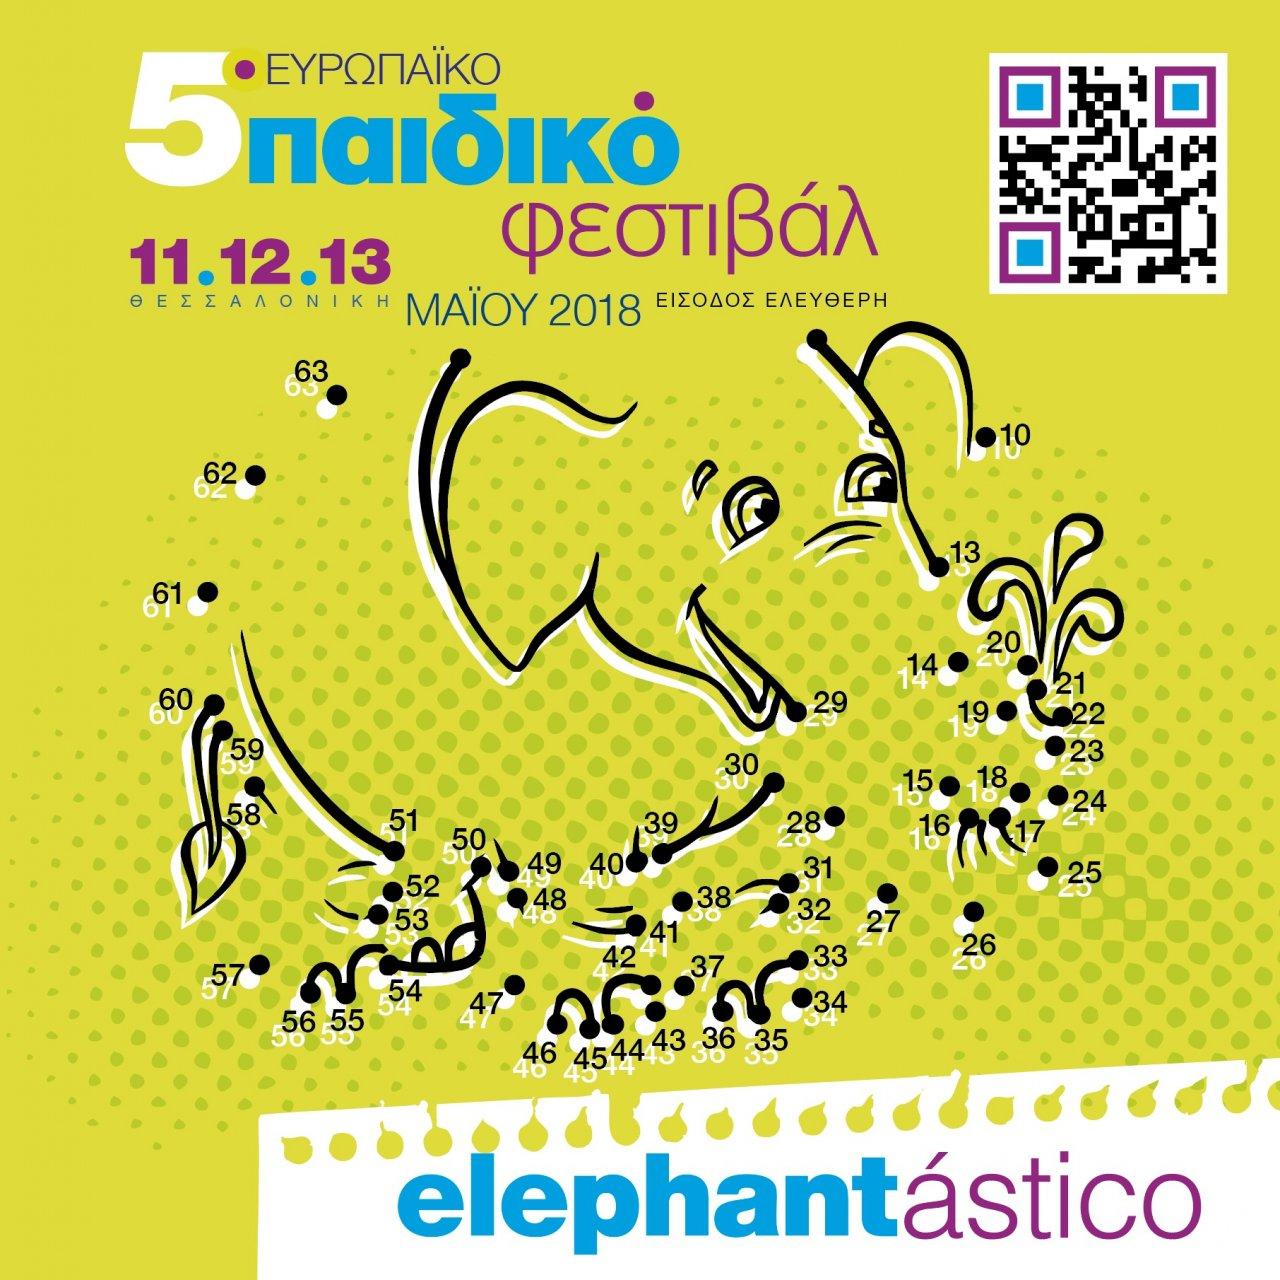 Αλλαγές στο 5ο «Elephantastico»